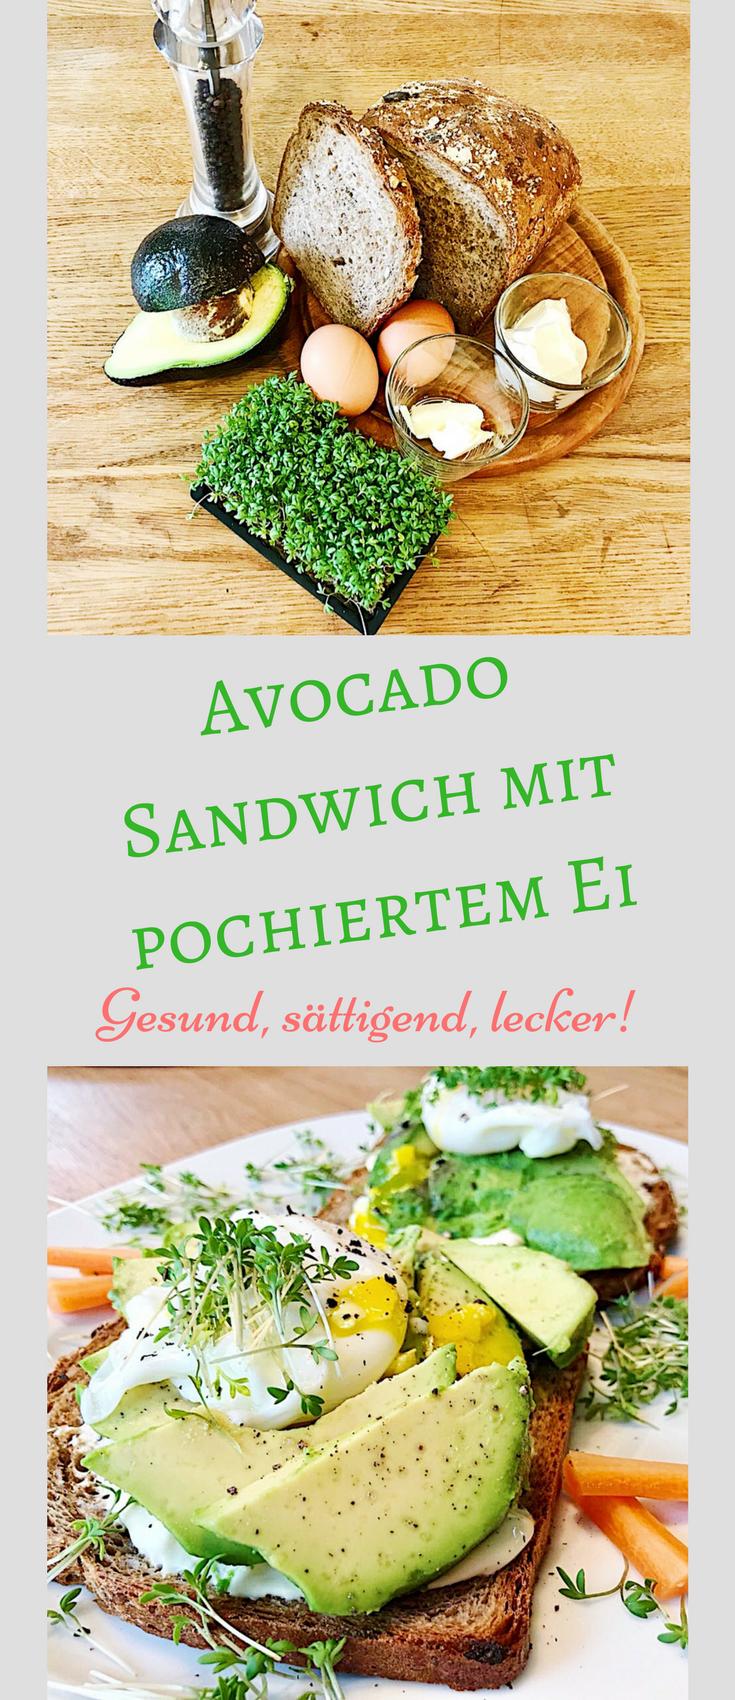 Avocado Sandwich Mit Pochiertem Ei Und Gartenkresse Hip Hip Mama